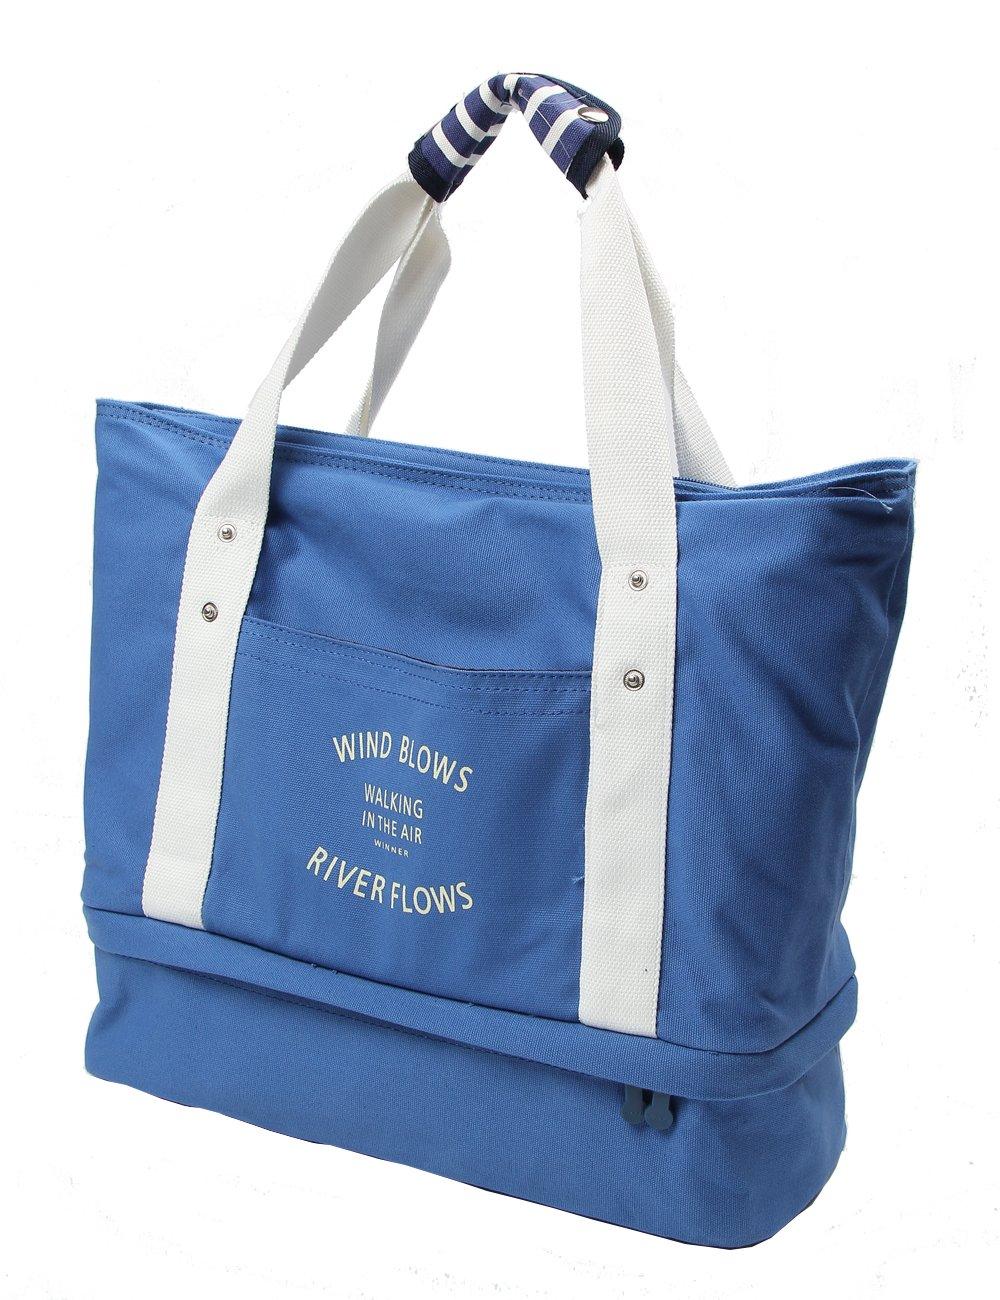 iSuperb Travel Bag Canvas Large-Size Handbag Carry-On Shoulder Tote Duffel Bag (Blue)